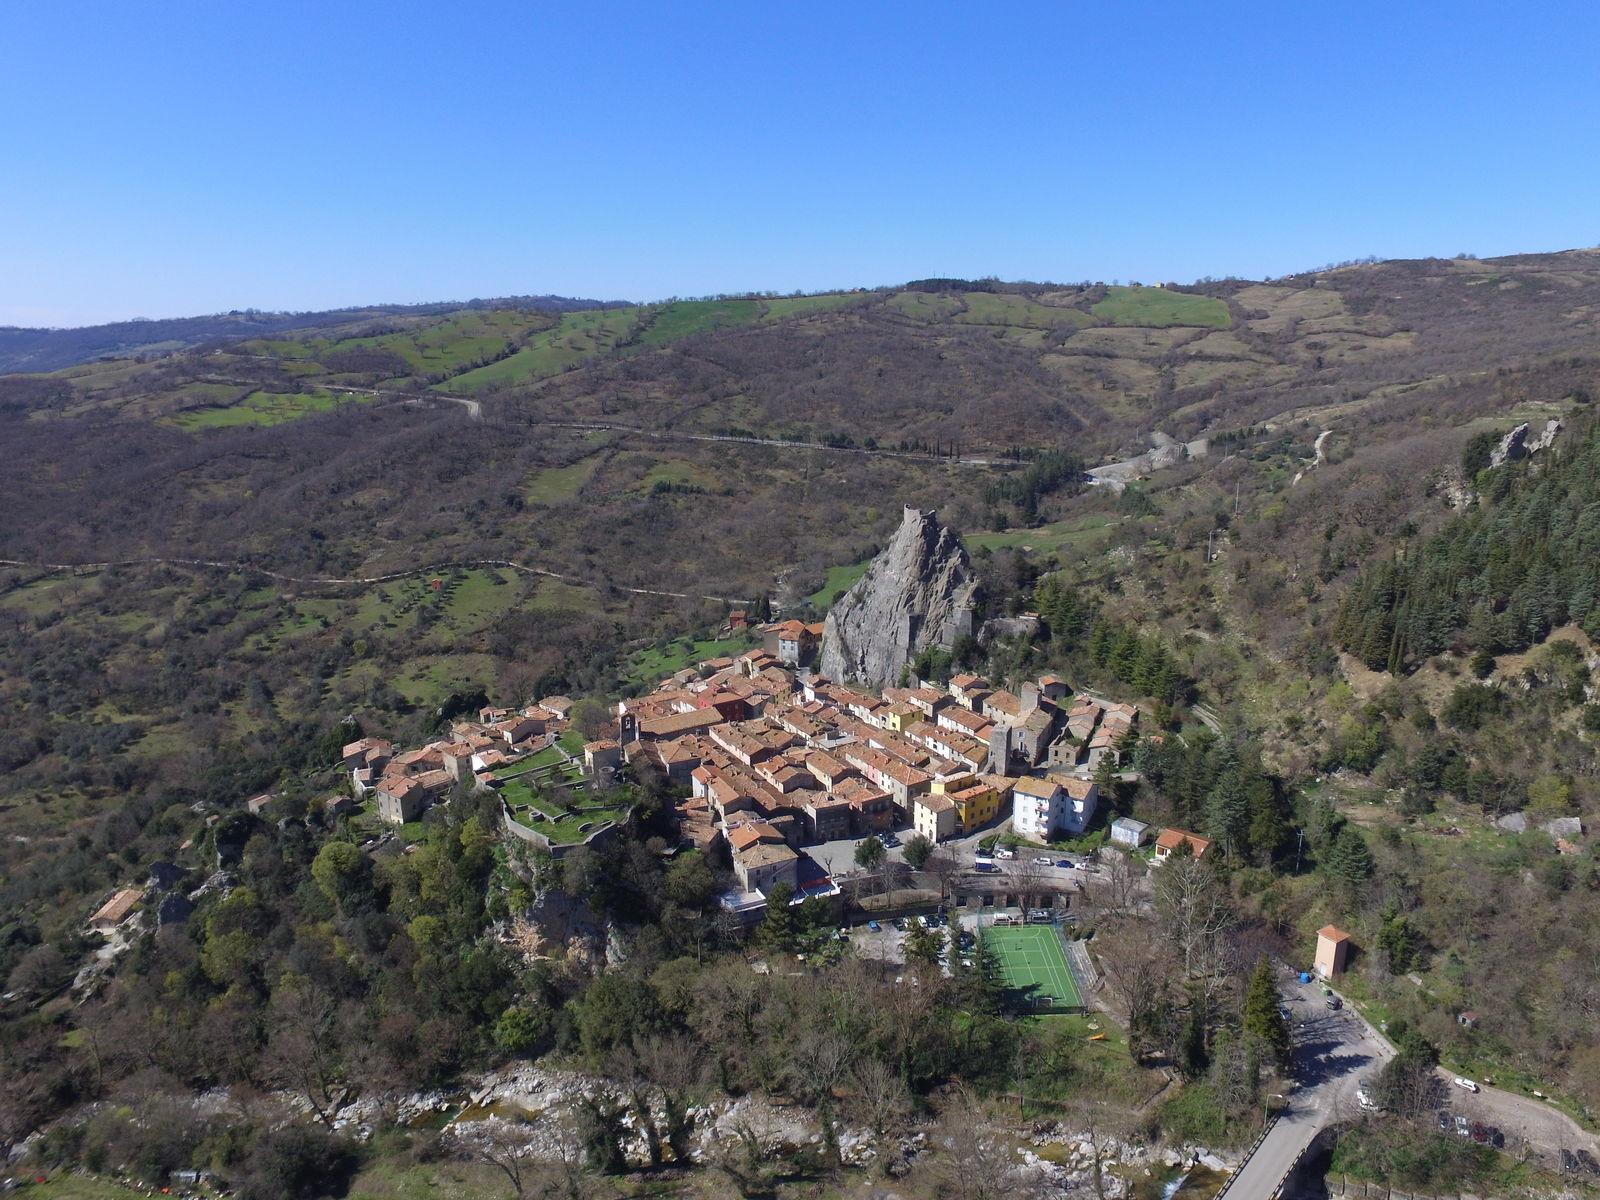 Roccalbegna - Un borgo di pietra forgiato nel fuoco - Toscana Ovunque Bella